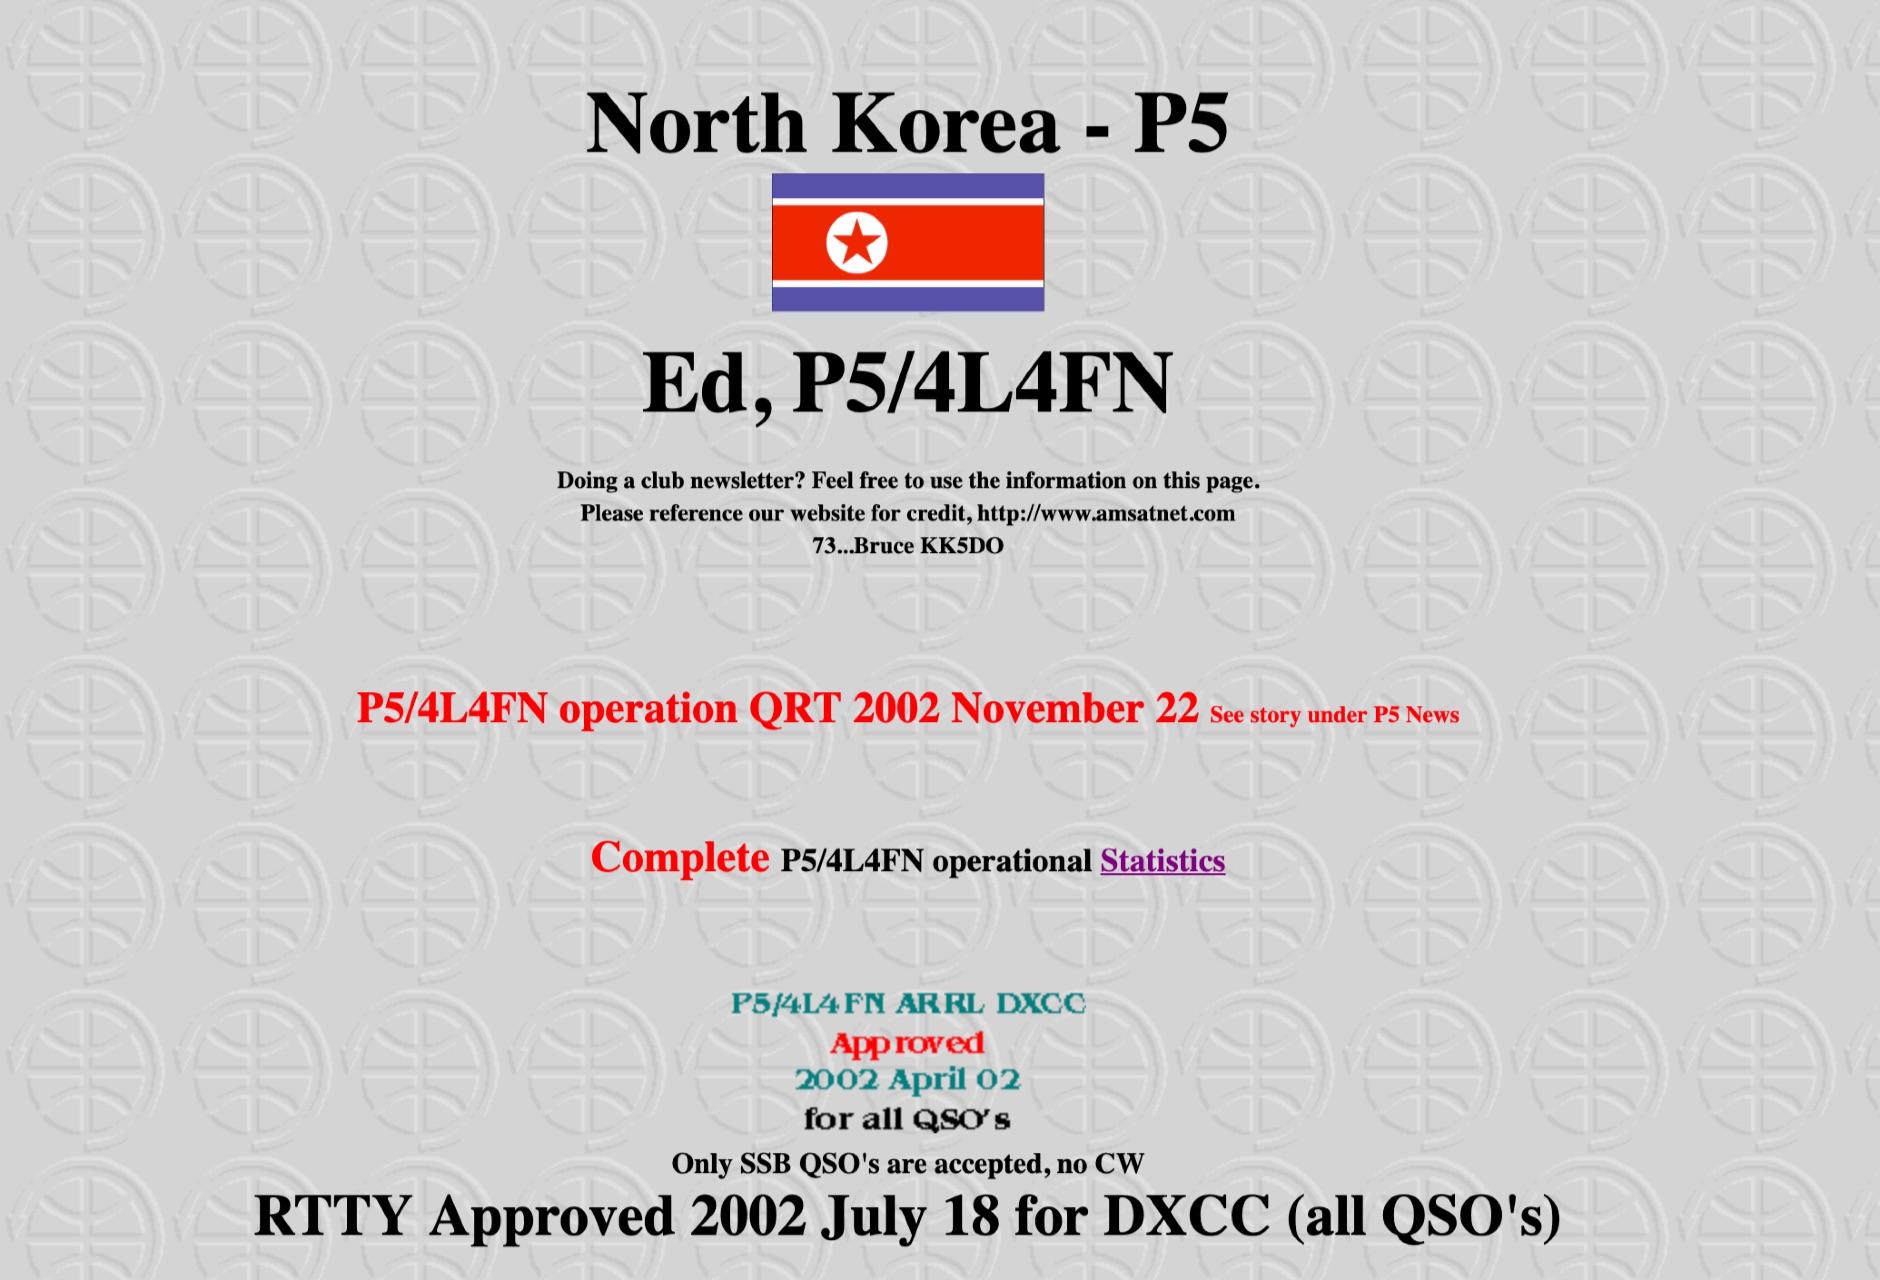 North Korea - P5/4L4FN